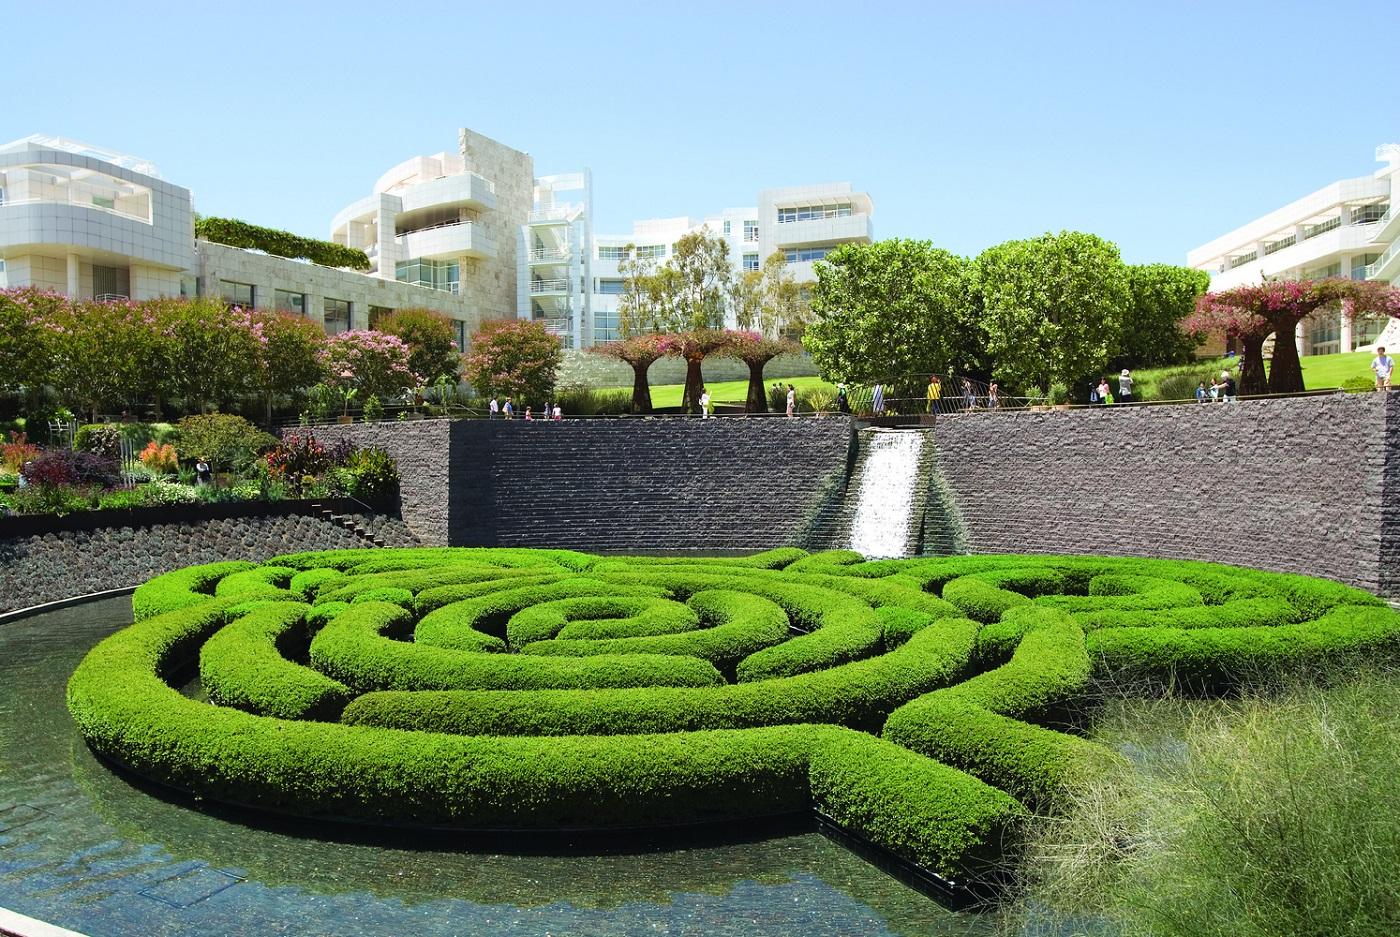 Getty Centre Garden